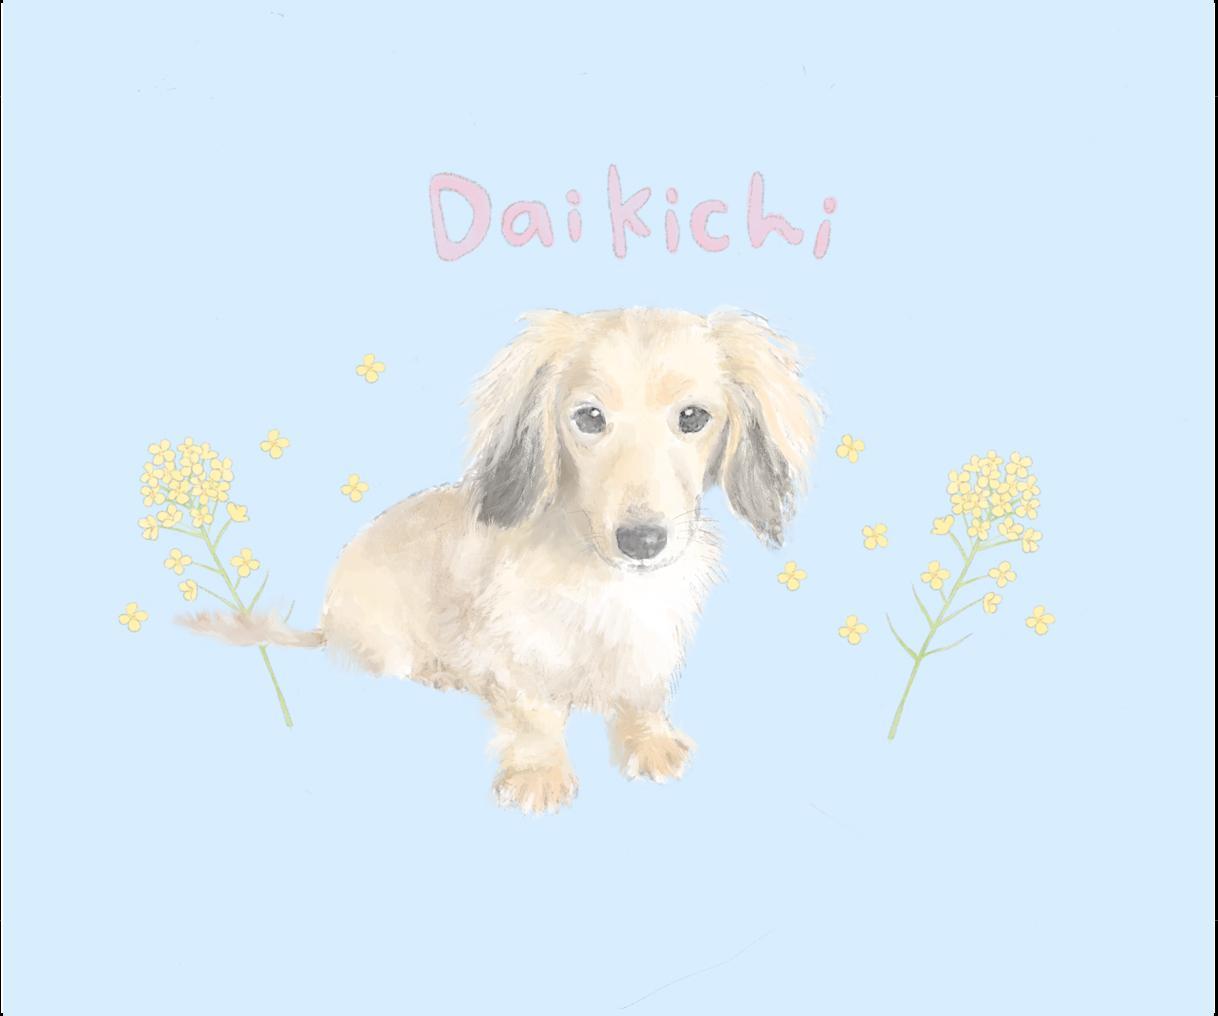 優しいタッチで大切なペットの似顔絵を描きます 大切な犬ちゃん、猫ちゃんなど☆記念にイラストを残しませんか♪ イメージ1